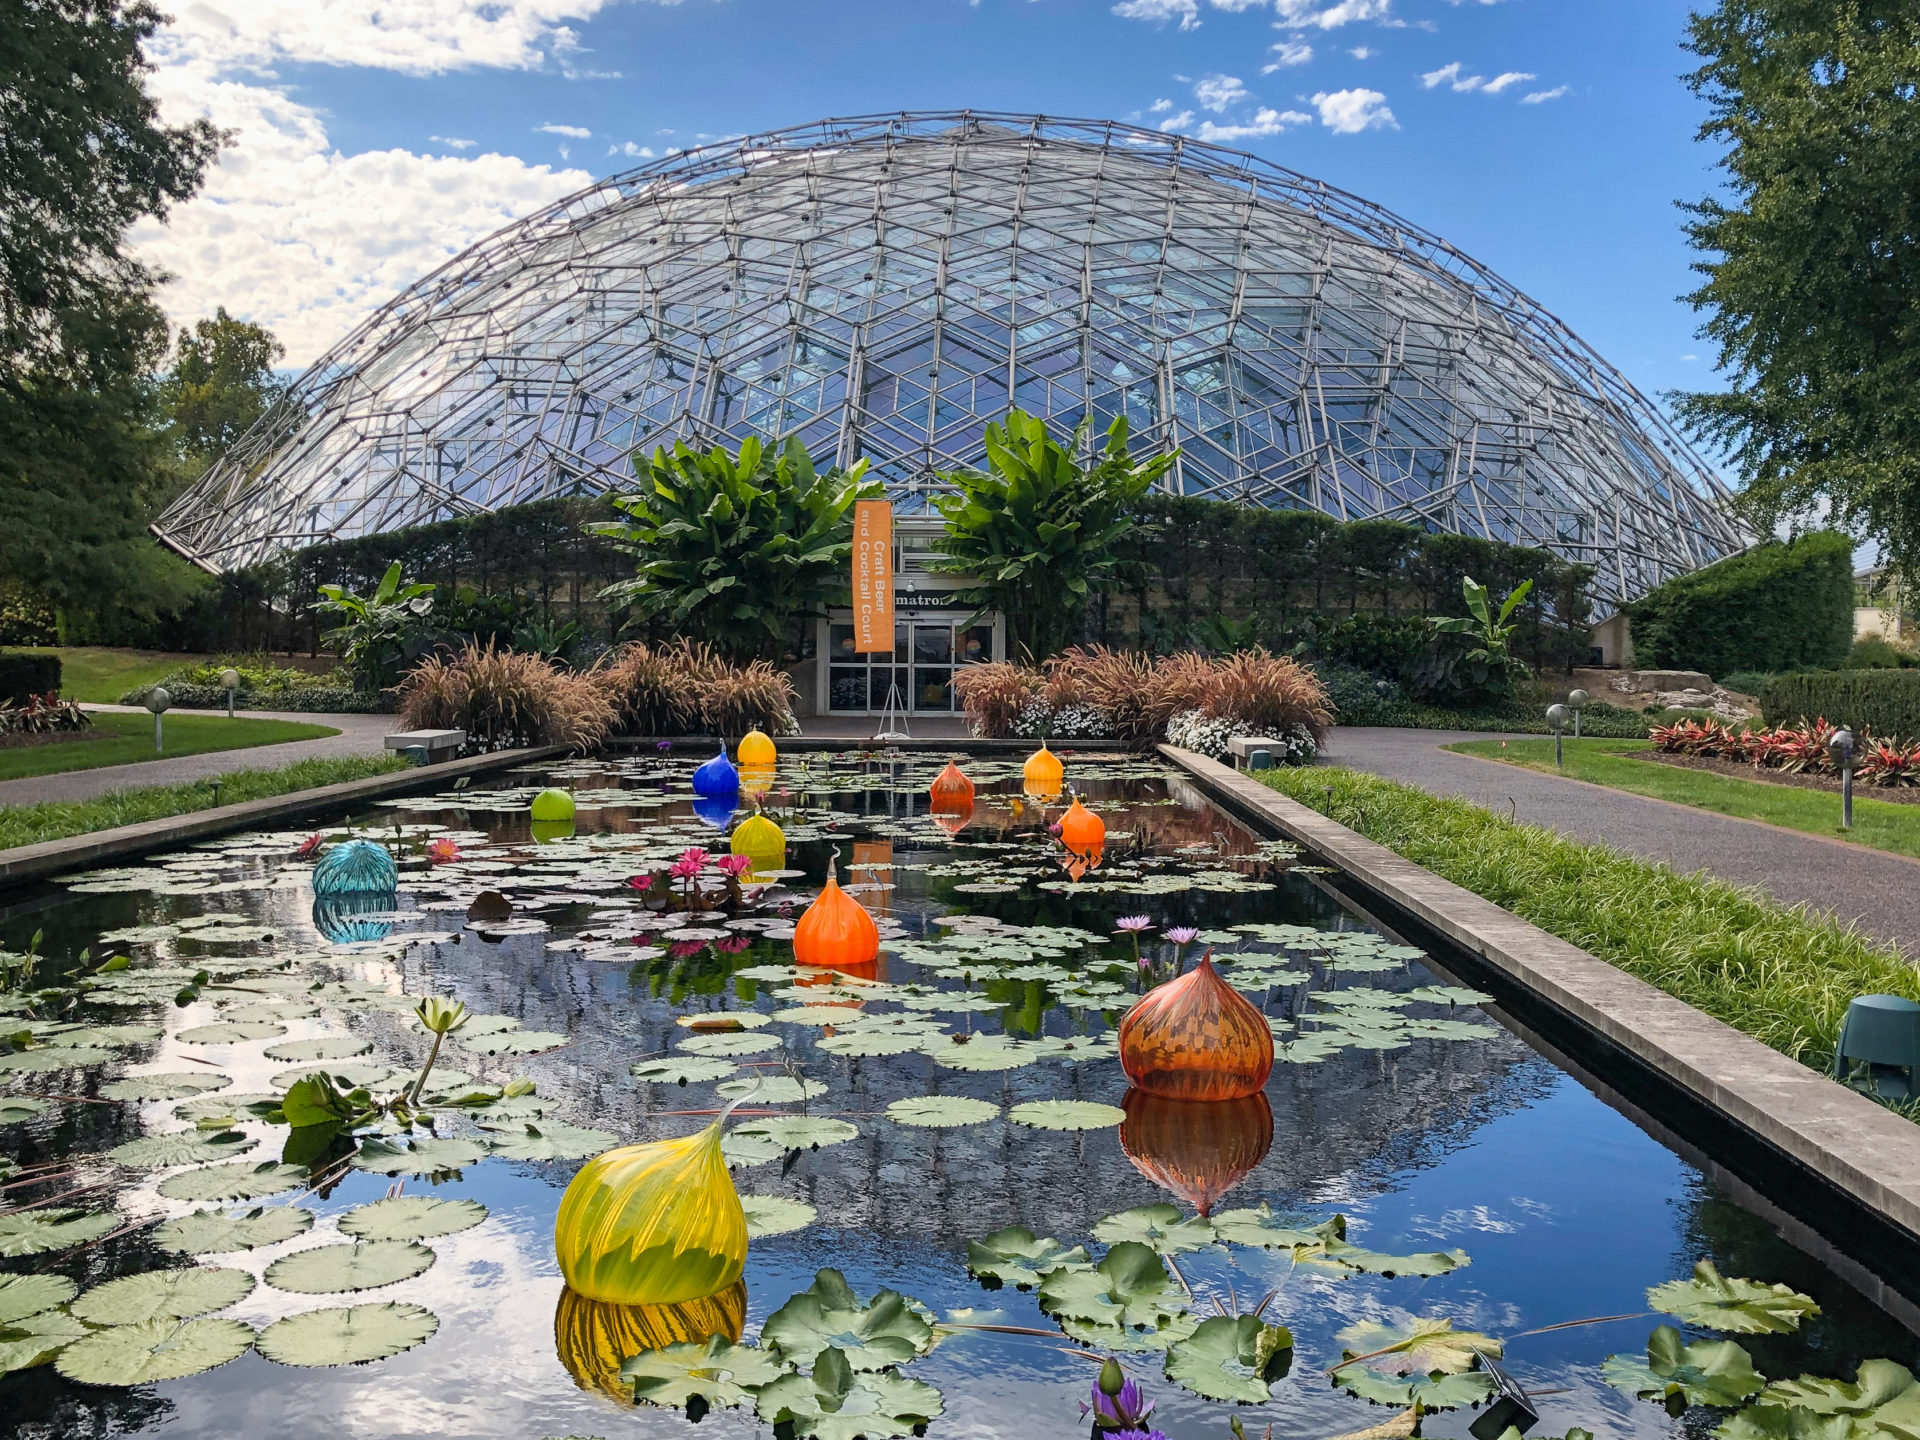 Kunstwerk mit Glaskuppel von Dale Chihuly im Botanischen Garten von Saint Louis im US-Bundesstaat Missouri an der Route 66